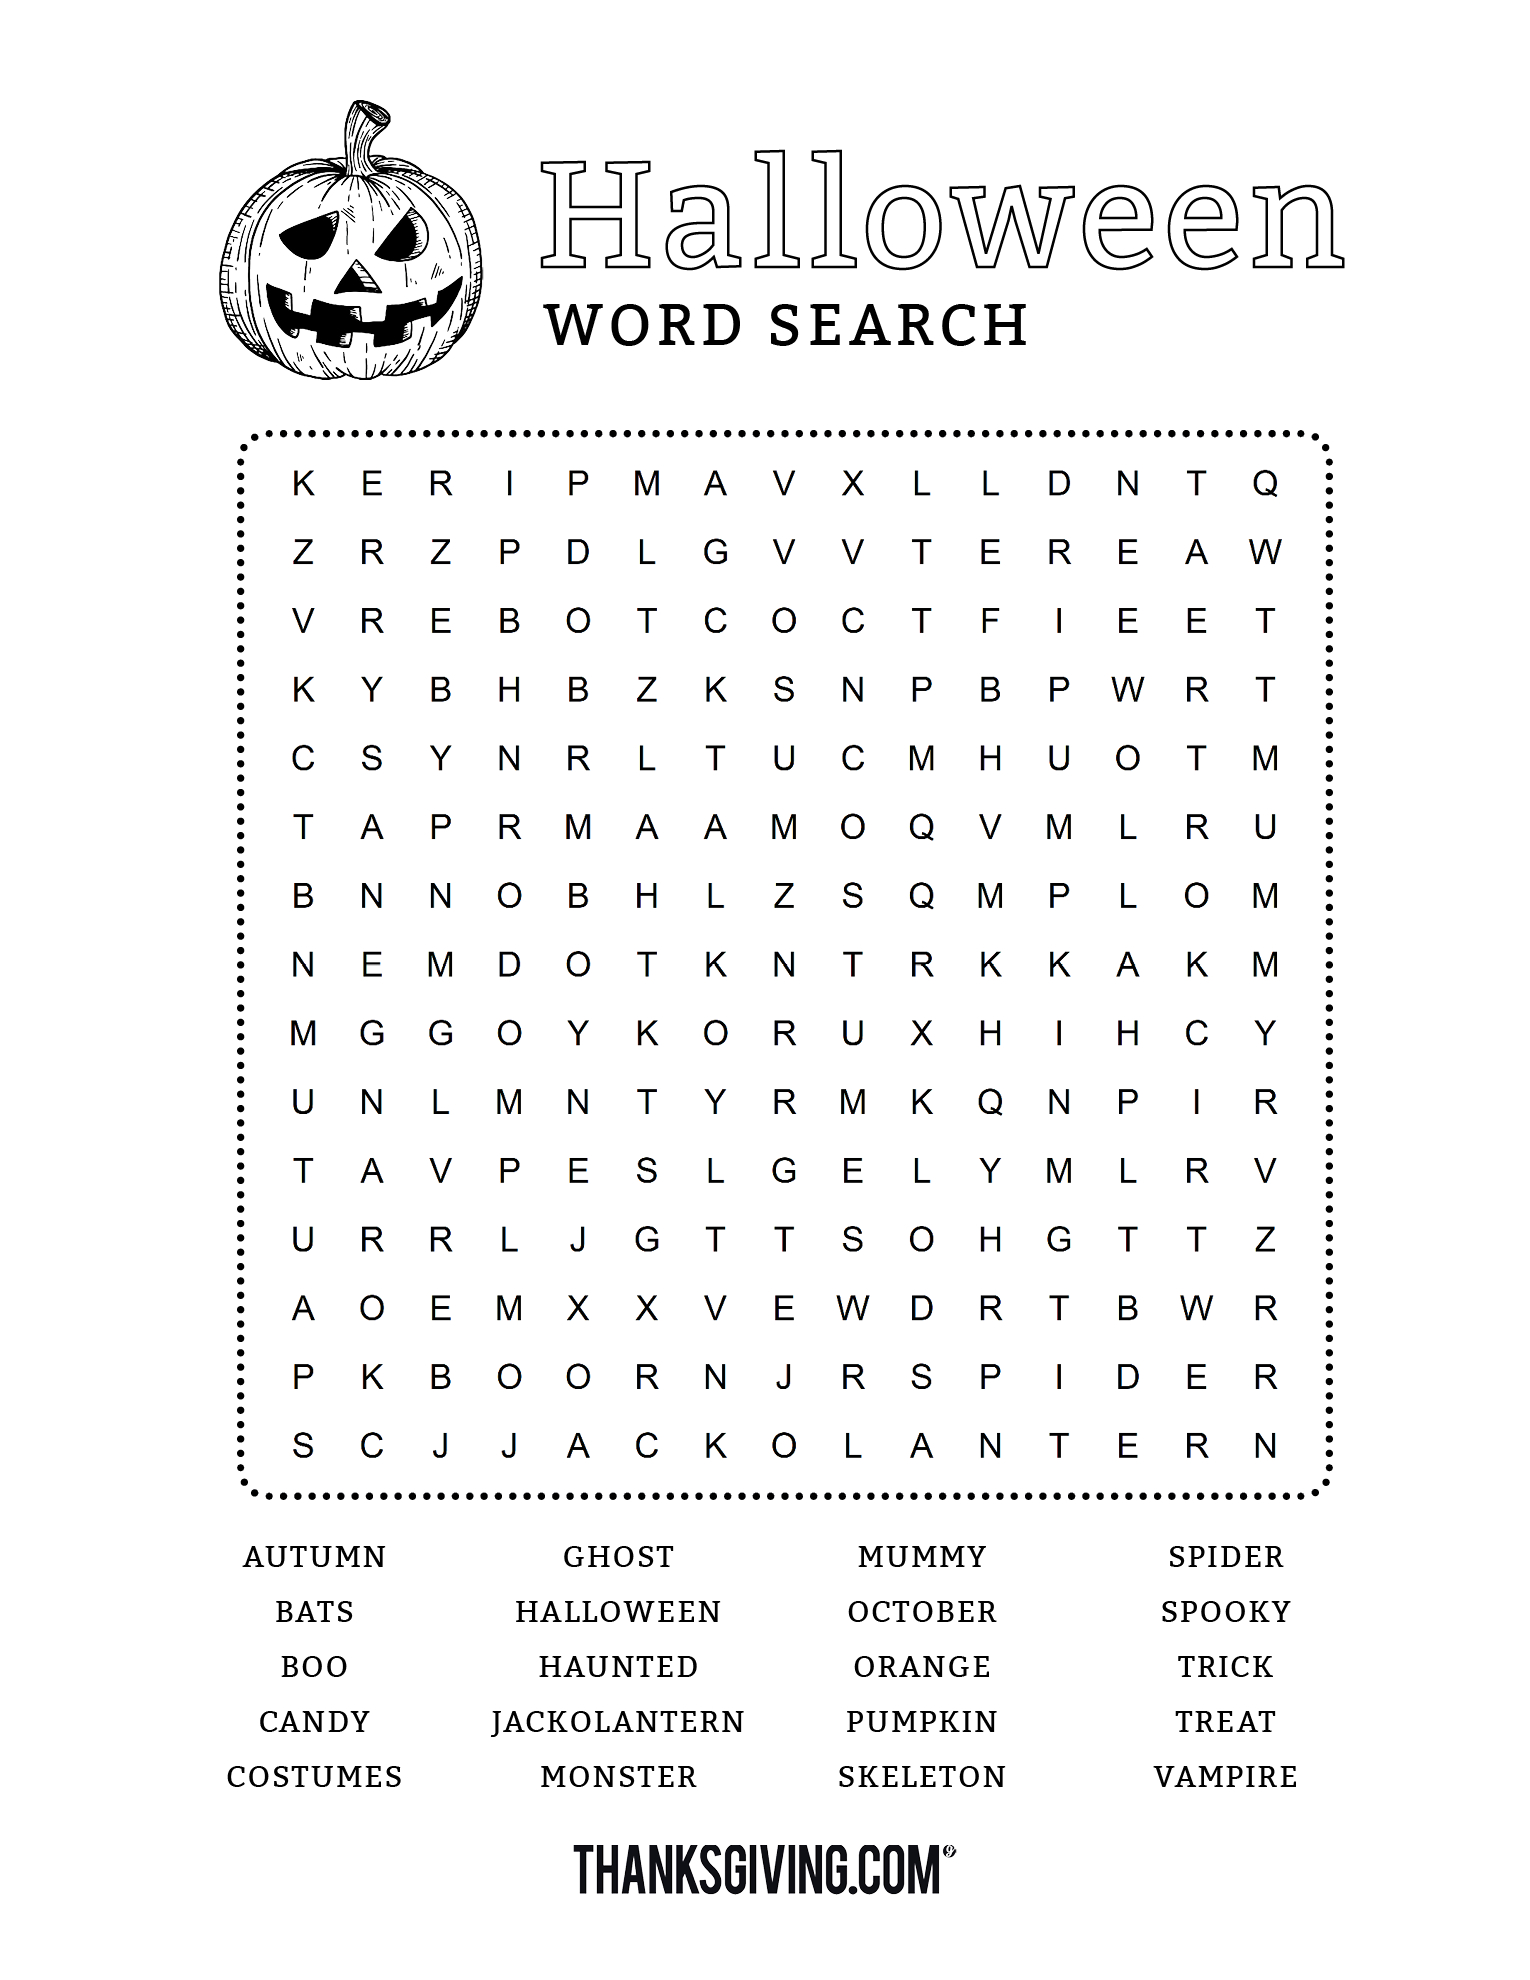 Fun & Free Printable Halloween Word Search - Thanksgiving - Free Printable Halloween Puzzles